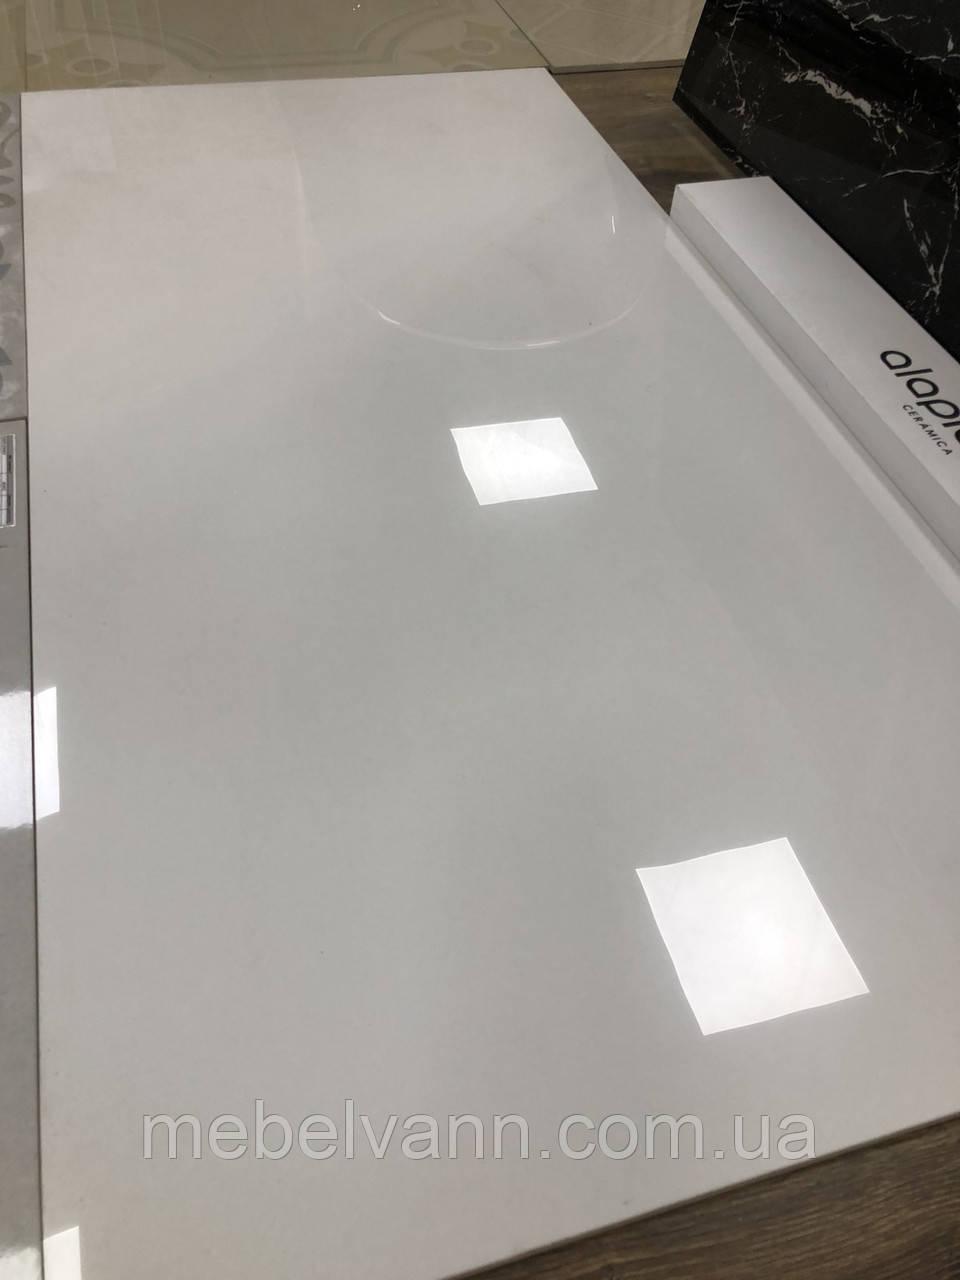 Керамогранит 60*120 MONO White полированный